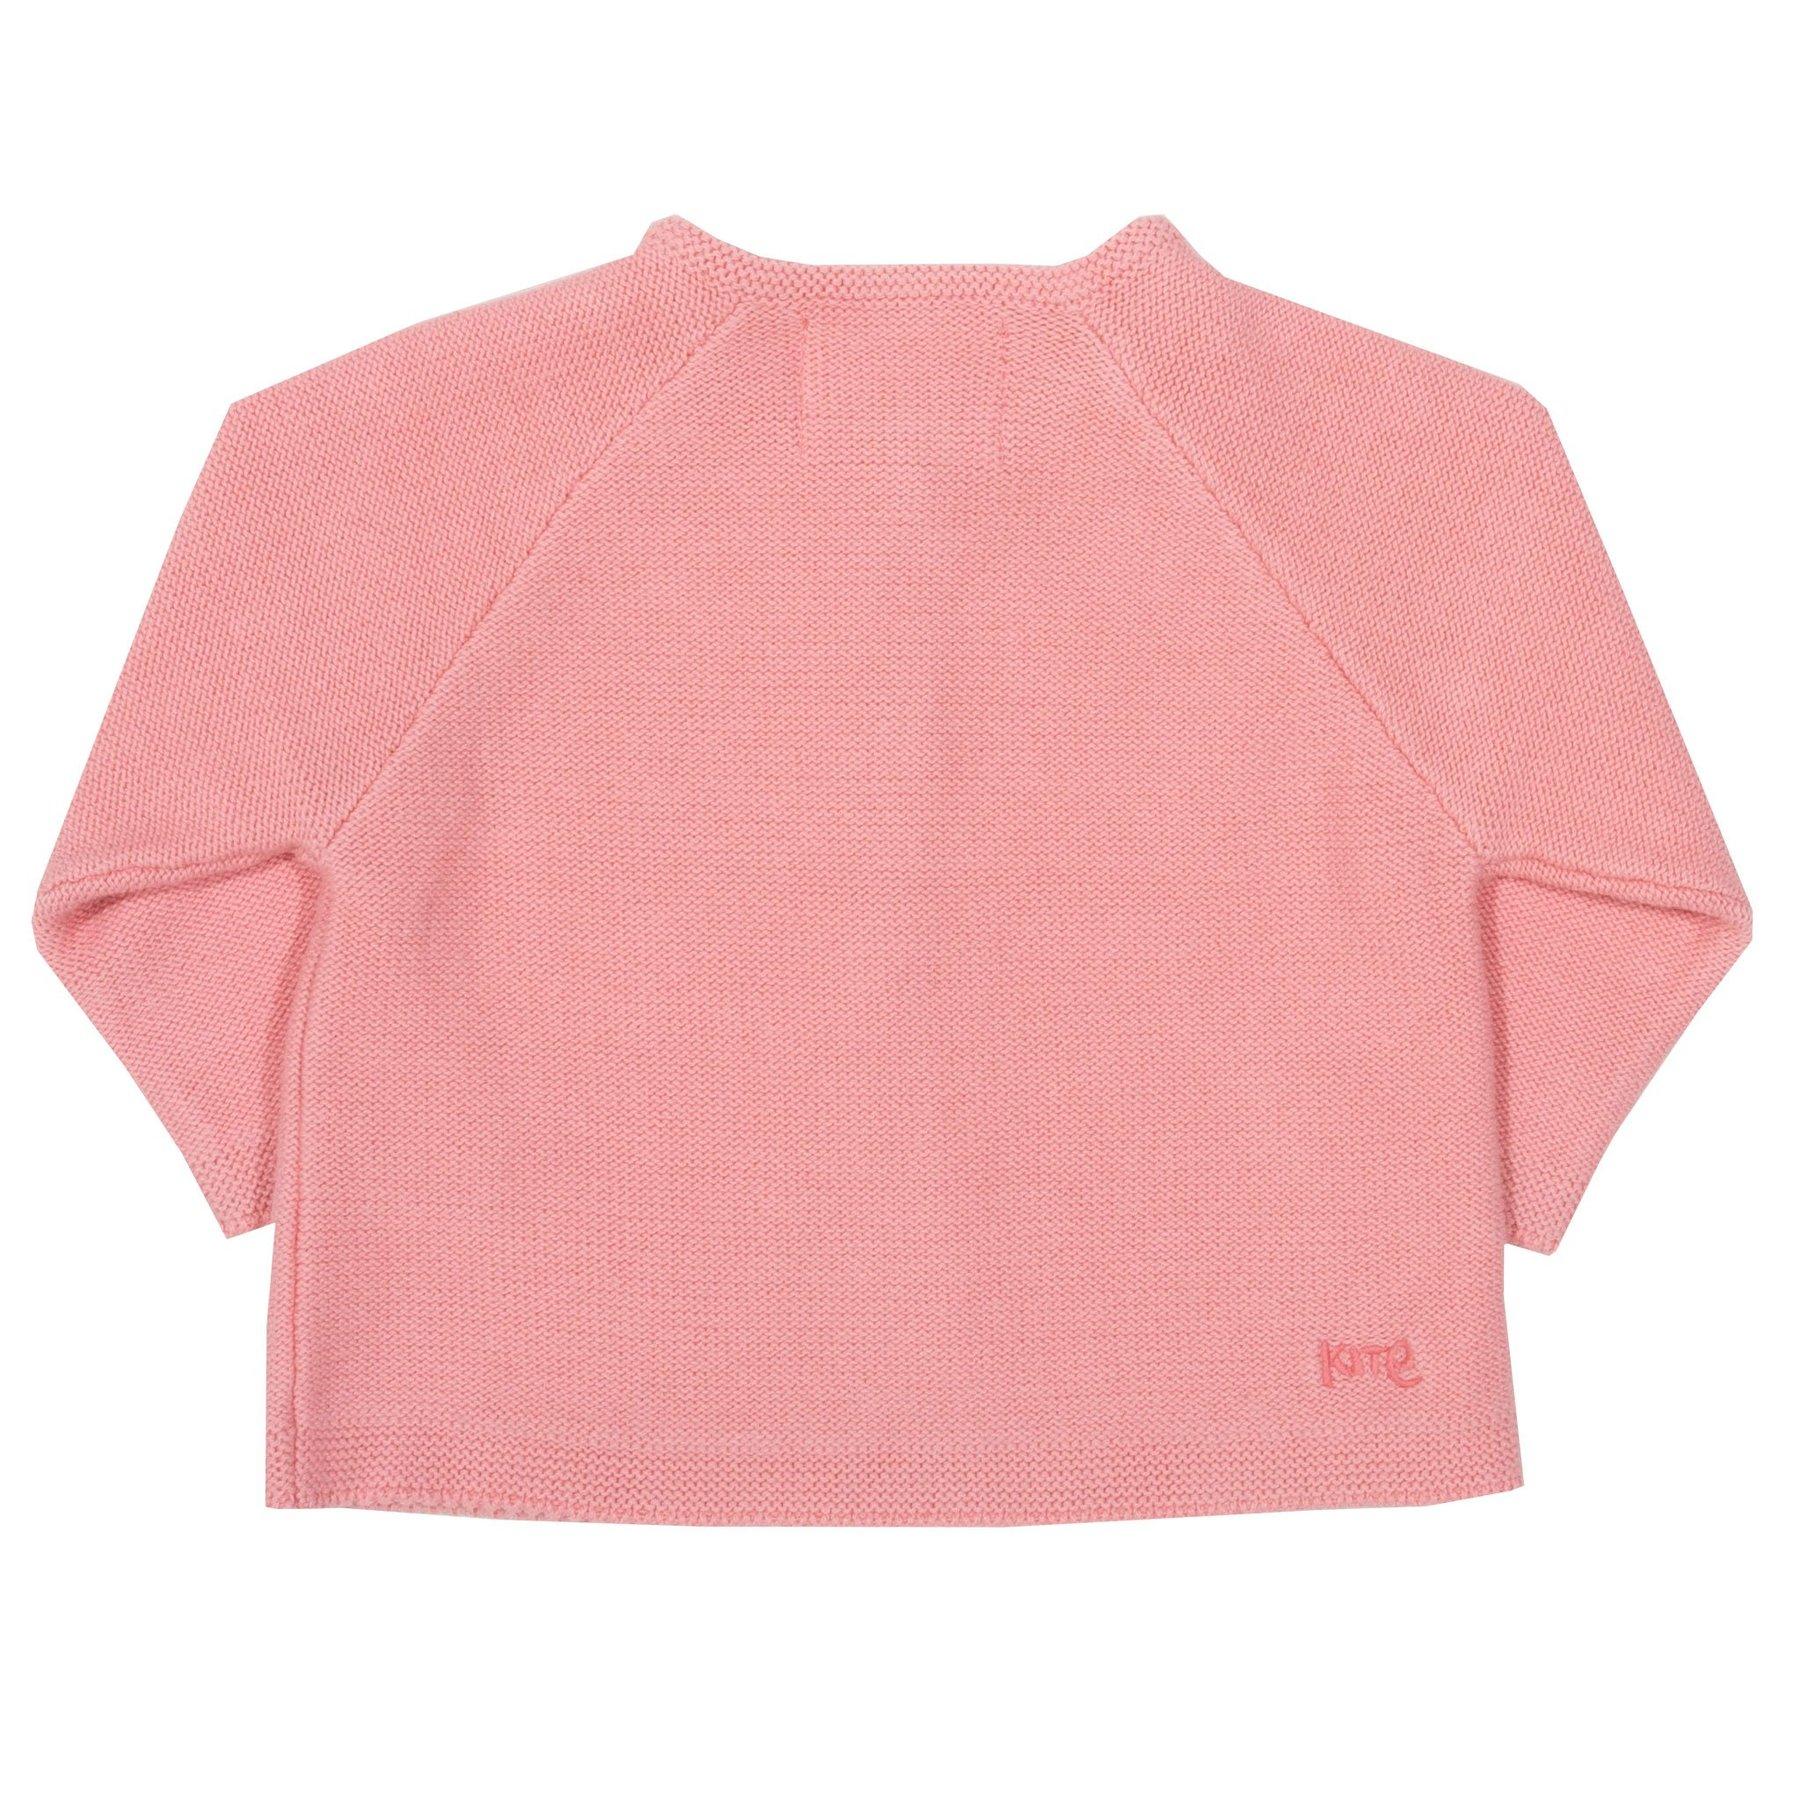 Strickjacke mit Knöpfen, rosa